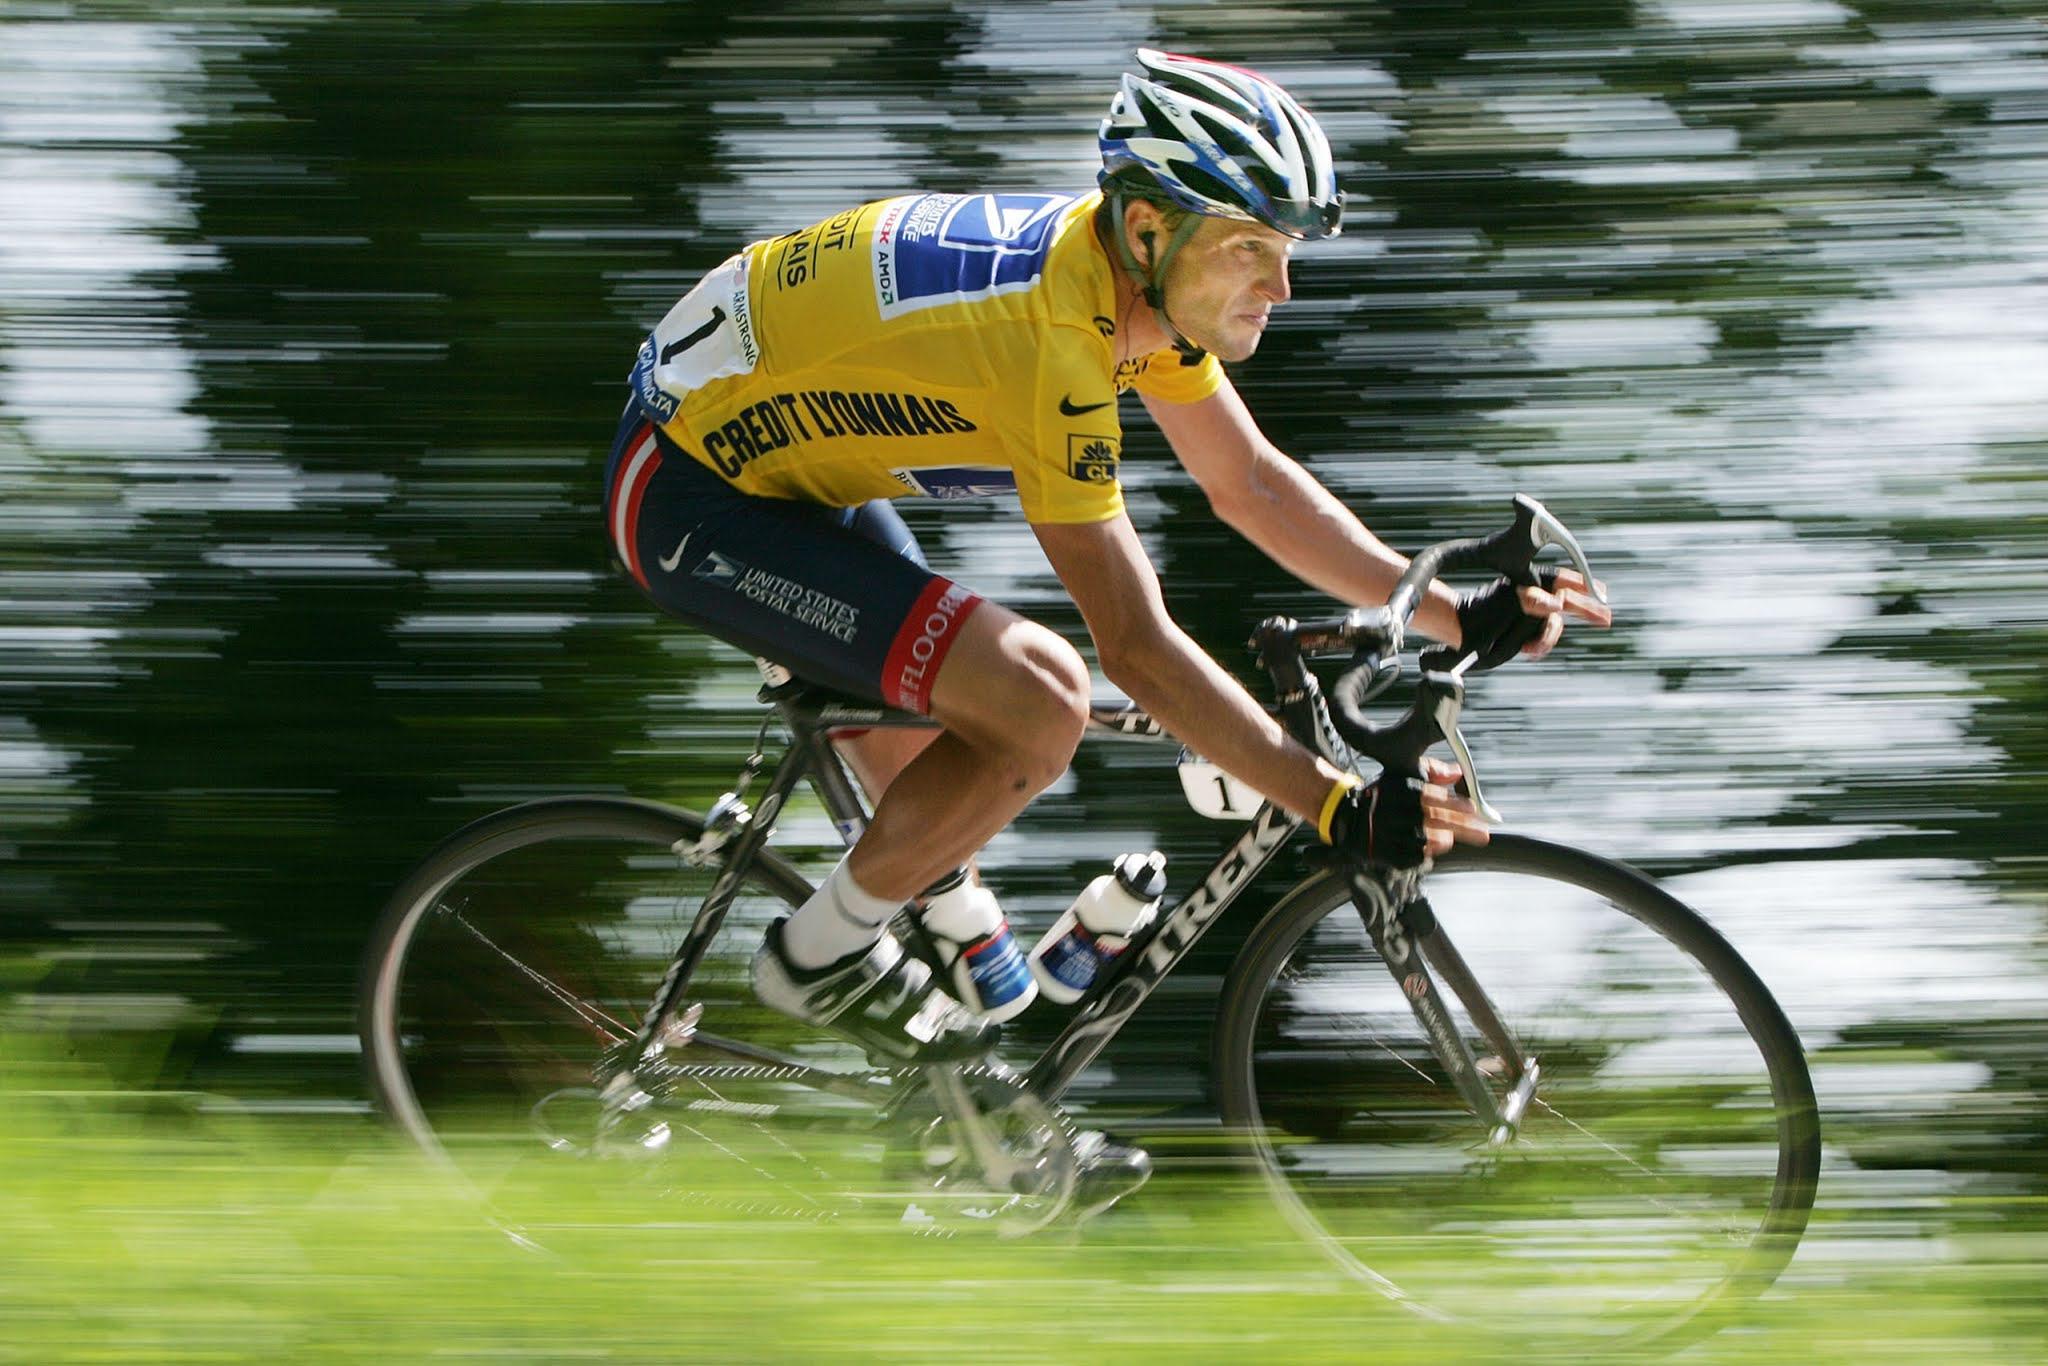 Escándalo mundial: el ciclista Lance Armstrong fue acusado de usar un motor en su bicicleta y un polémico video lo dejaría en evidencia